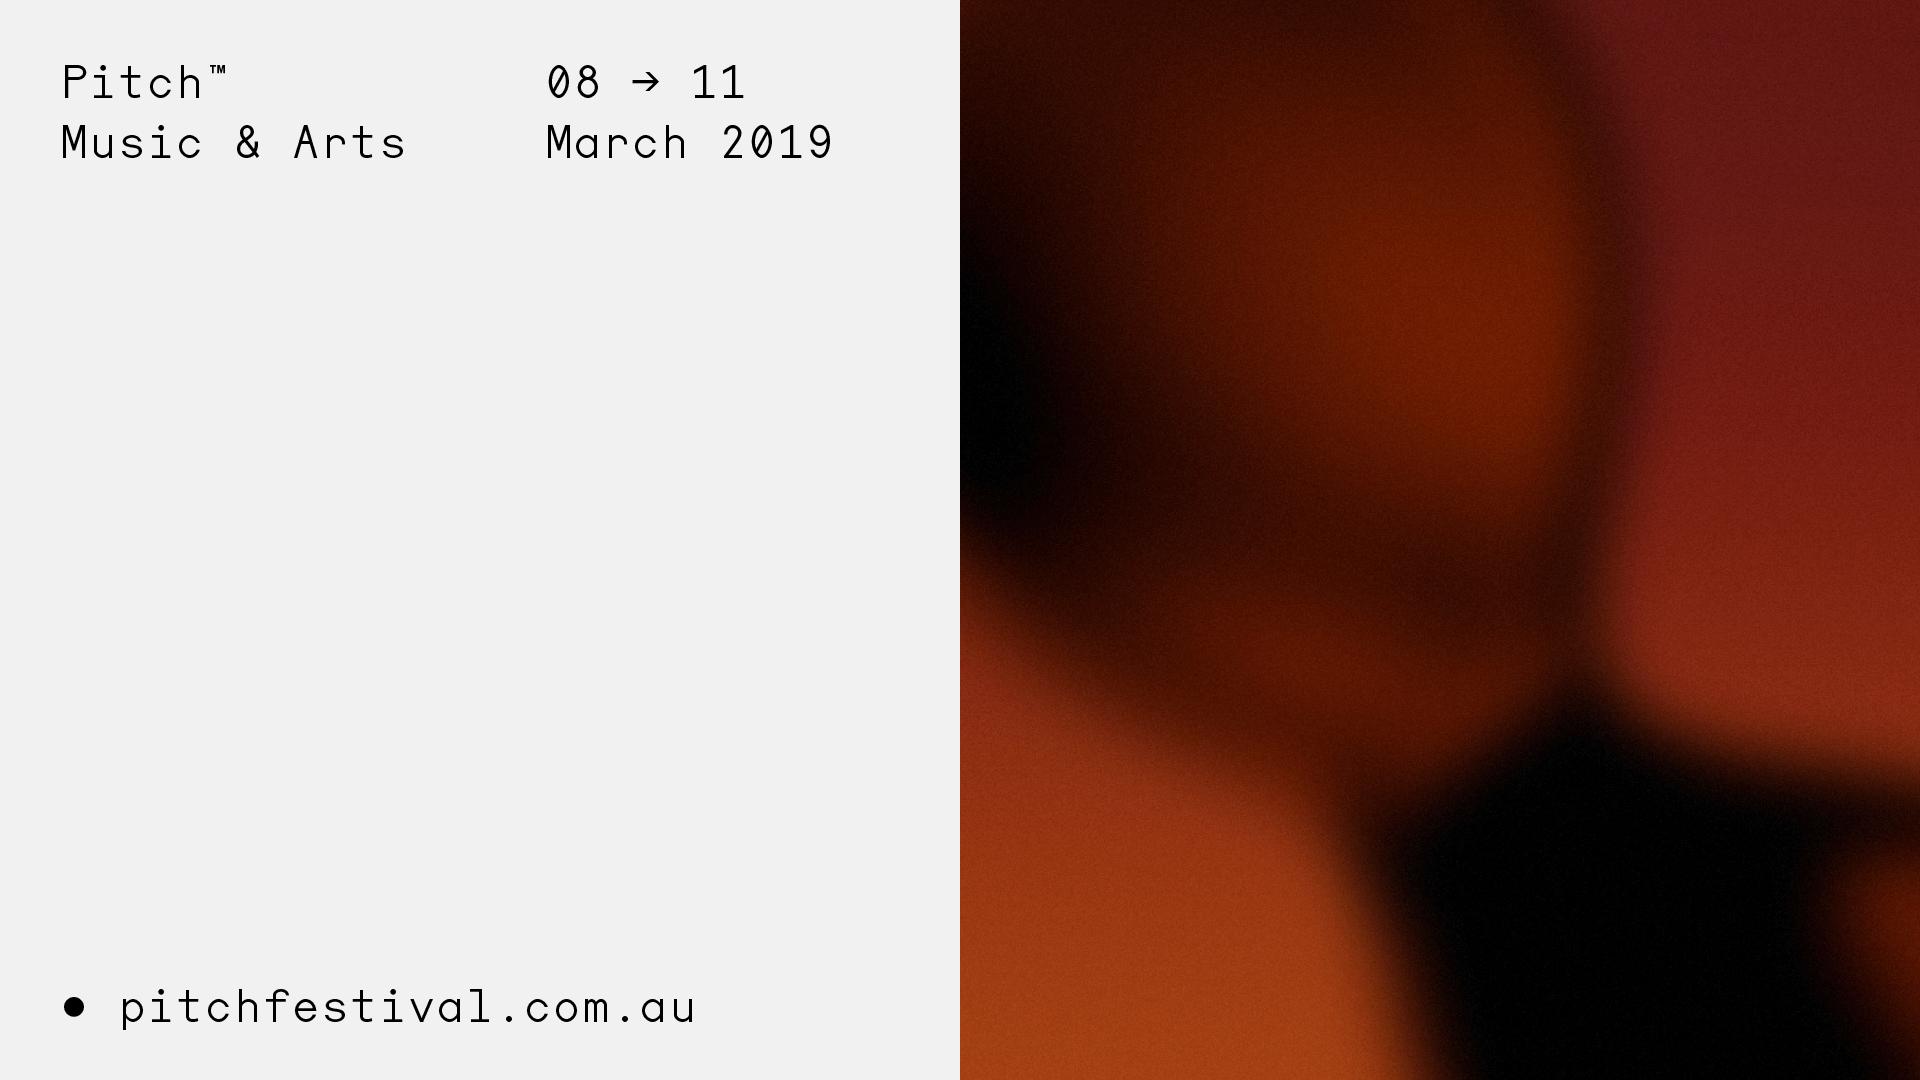 Catch Avalon Emerson at Pitch Music & Arts 2019 - Fri 8th - Tue 12th March, Victoria.